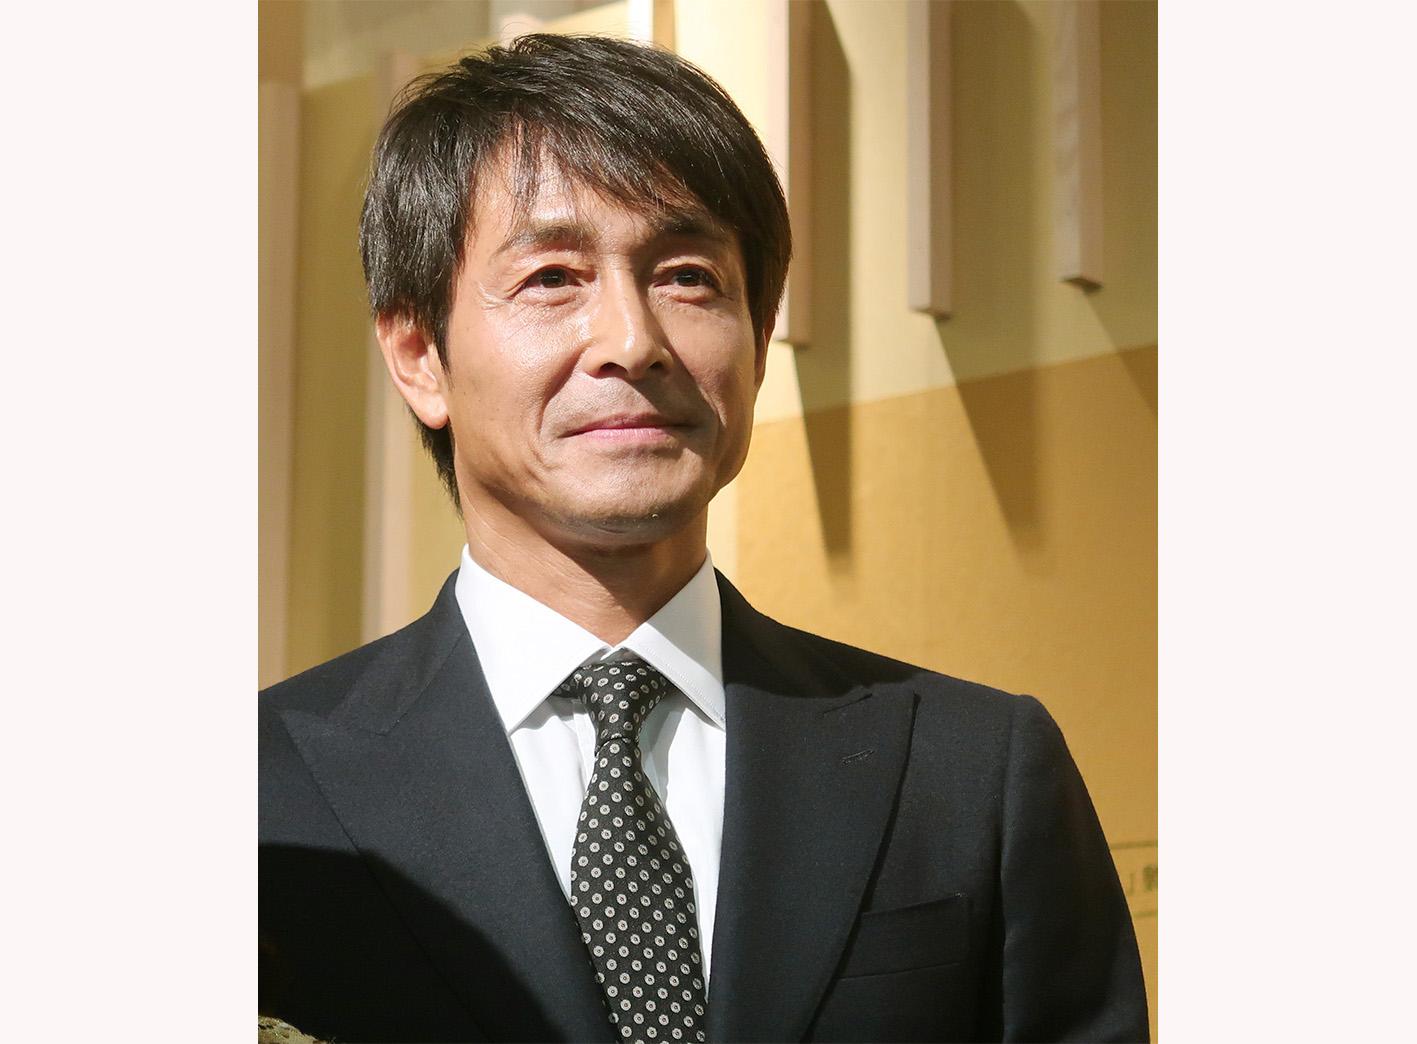 「昨夜、京都のおいしいお酒を飲み過ぎました」と会場からの笑いを誘った、吉田栄作